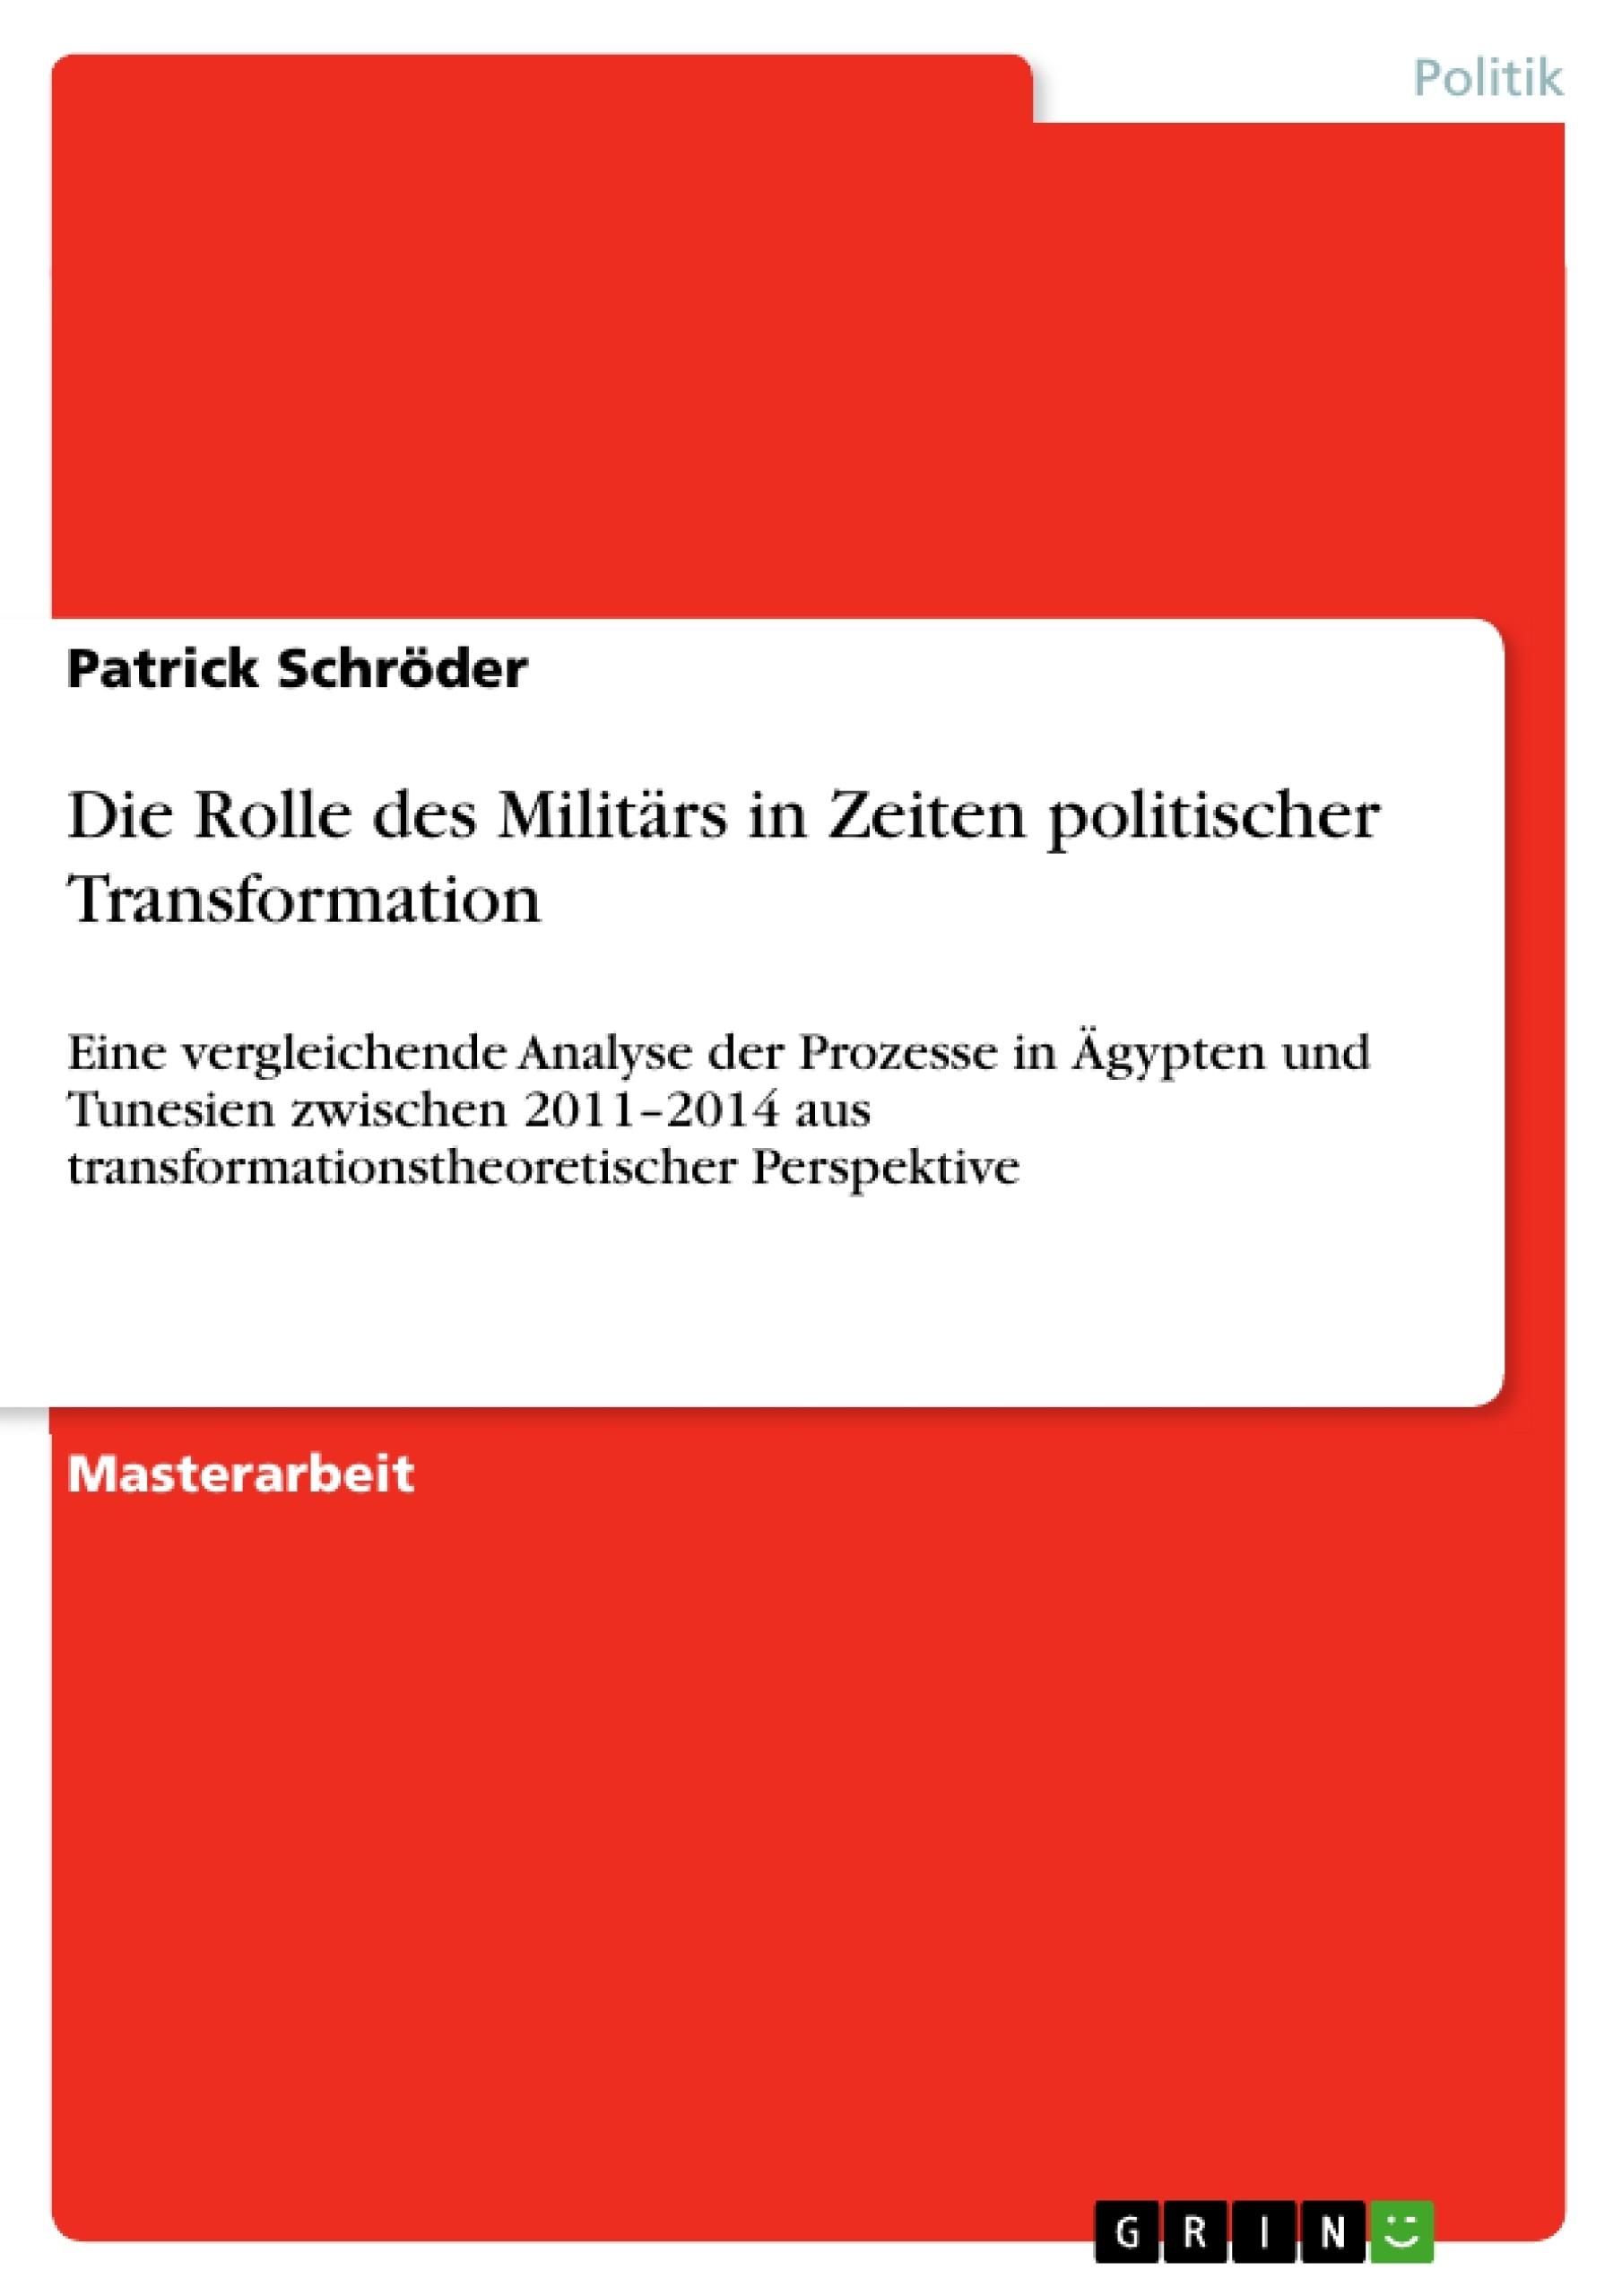 Titel: Die Rolle des Militärs in Zeiten politischer Transformation